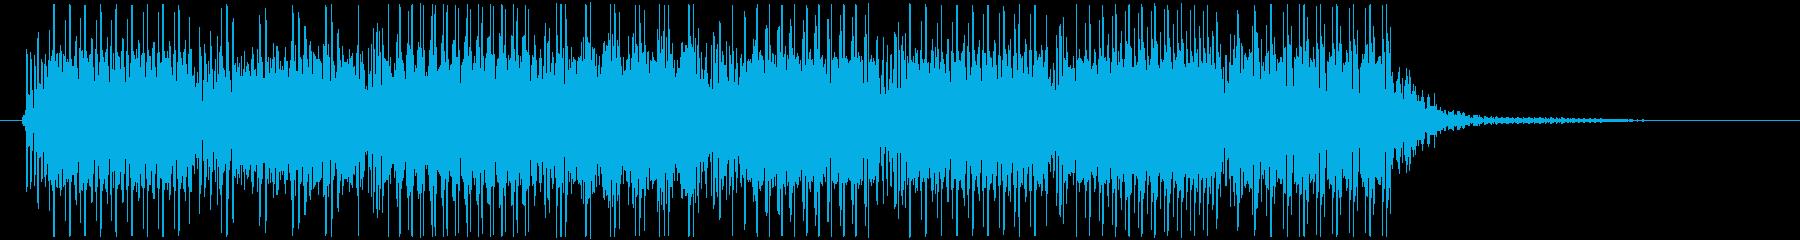 ファミコン風ゲームオーバー・フレーズの再生済みの波形